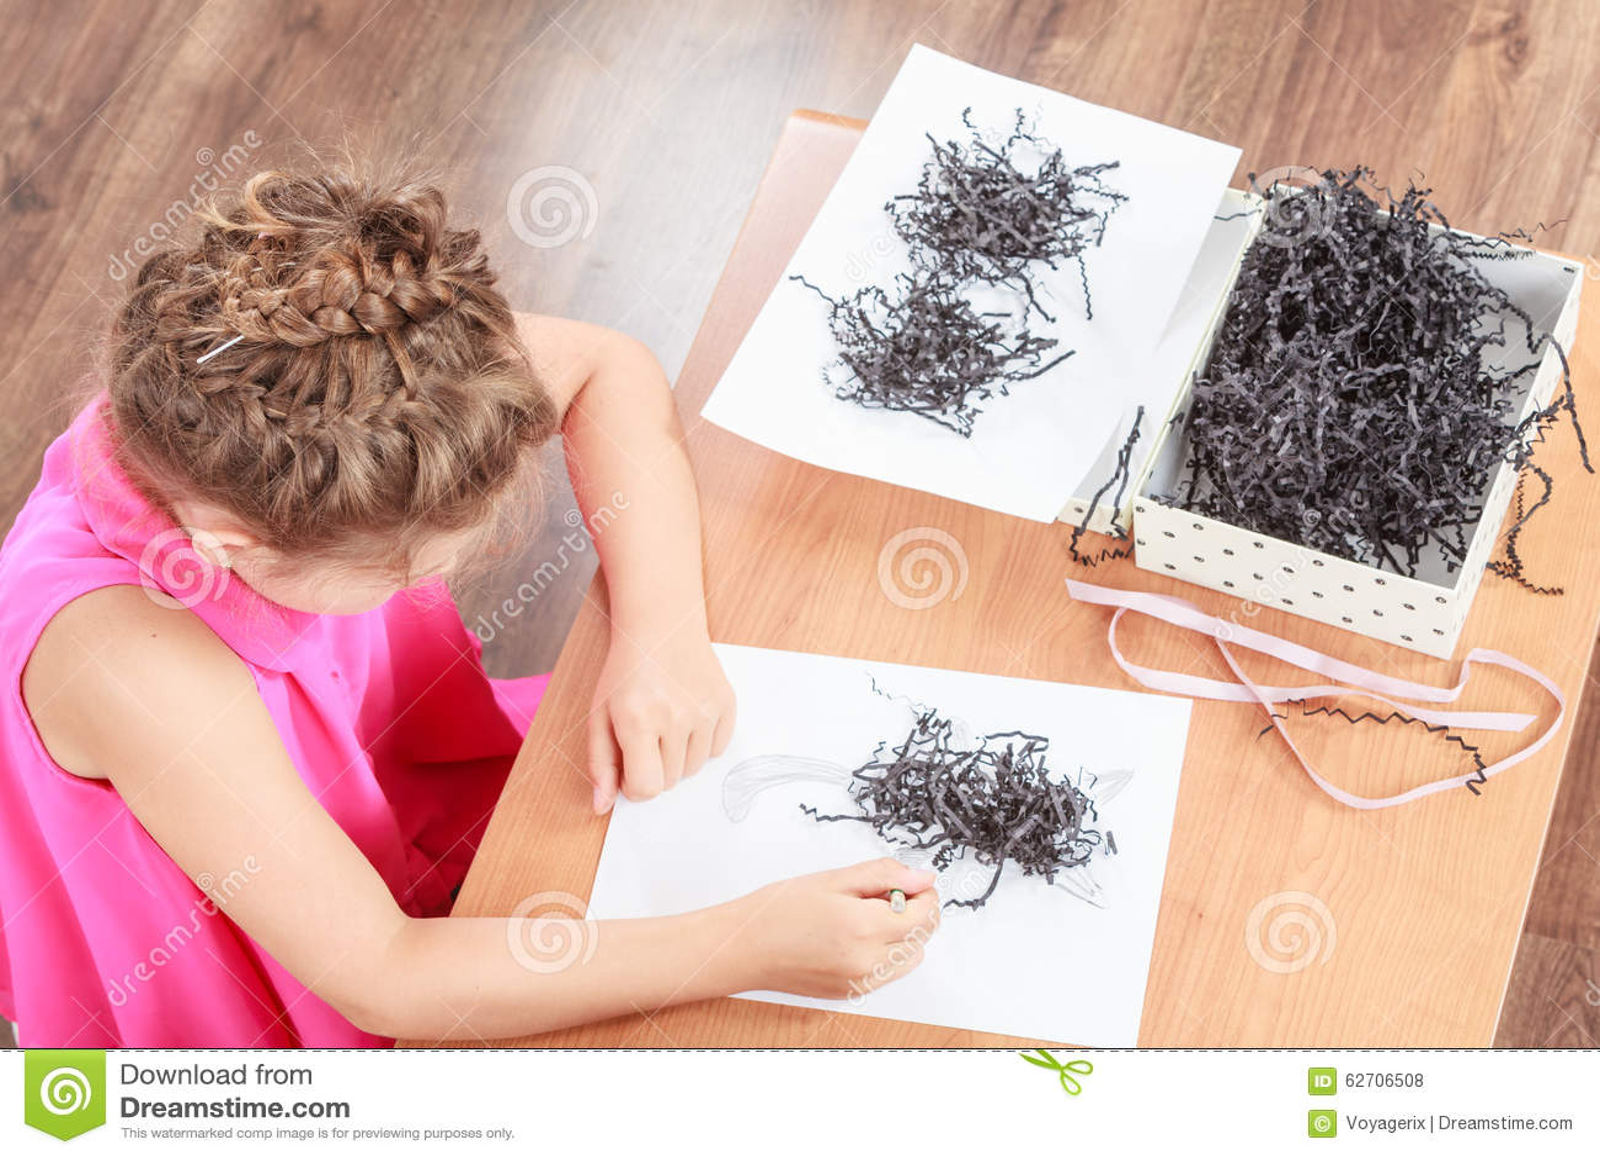 Download Το μικρό κορίτσι σύρει στην τάξη Στοκ Εικόνες - εικόνα από ελάχιστα, αποκοπή: 62706508